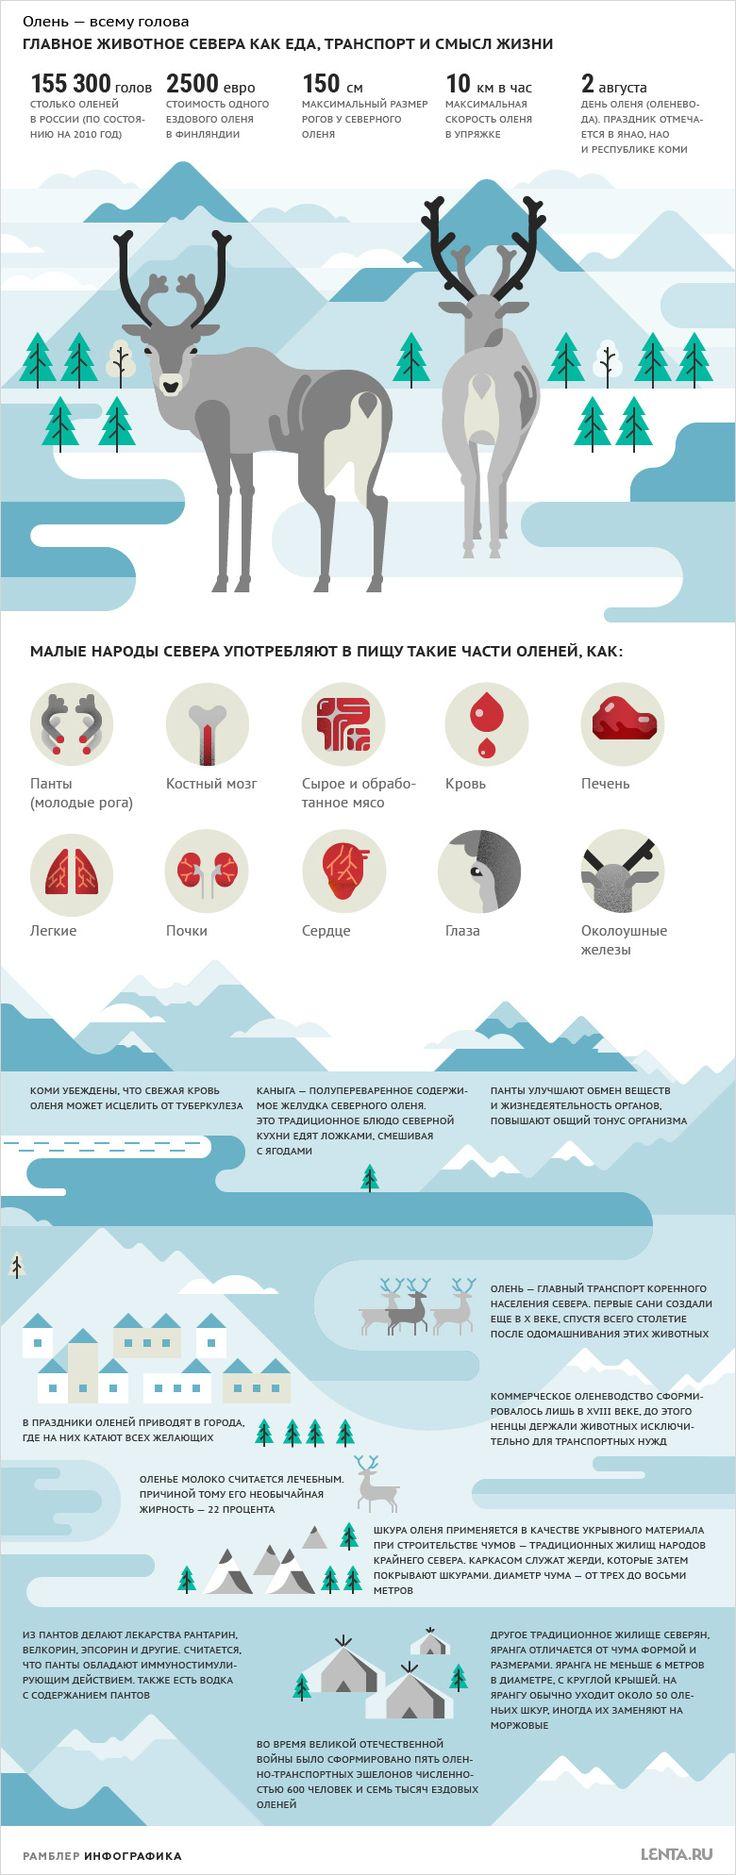 Главное животное Севера как еда, транспорт и смысл жизни